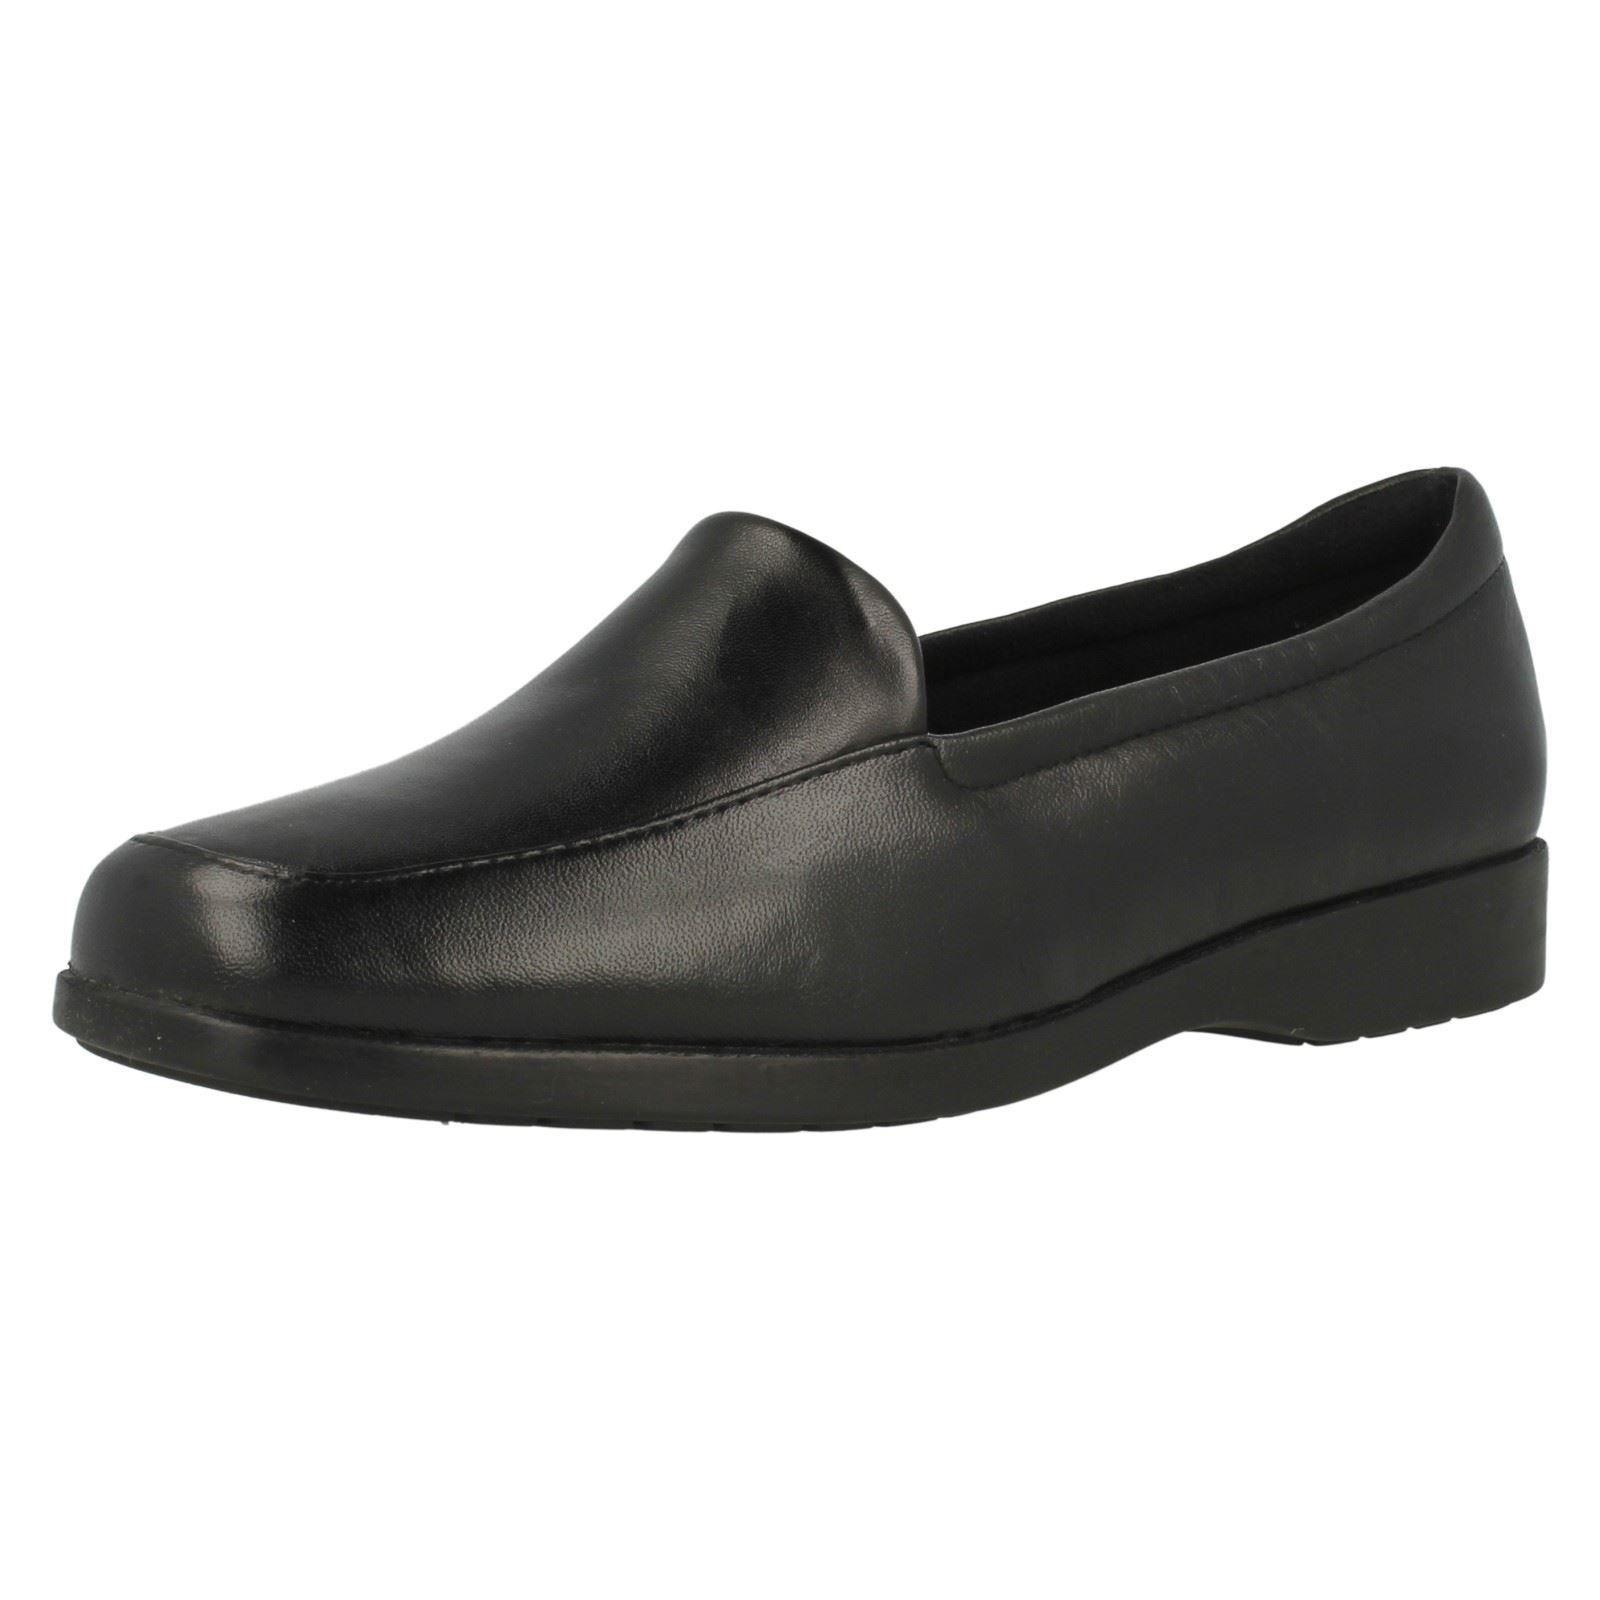 Zapatos de Cuero Damas Damas Damas Clarks Negro Resbalón en tamaños Reino Unido 3-9 Georgia e Montaje  Mercancía de alta calidad y servicio conveniente y honesto.